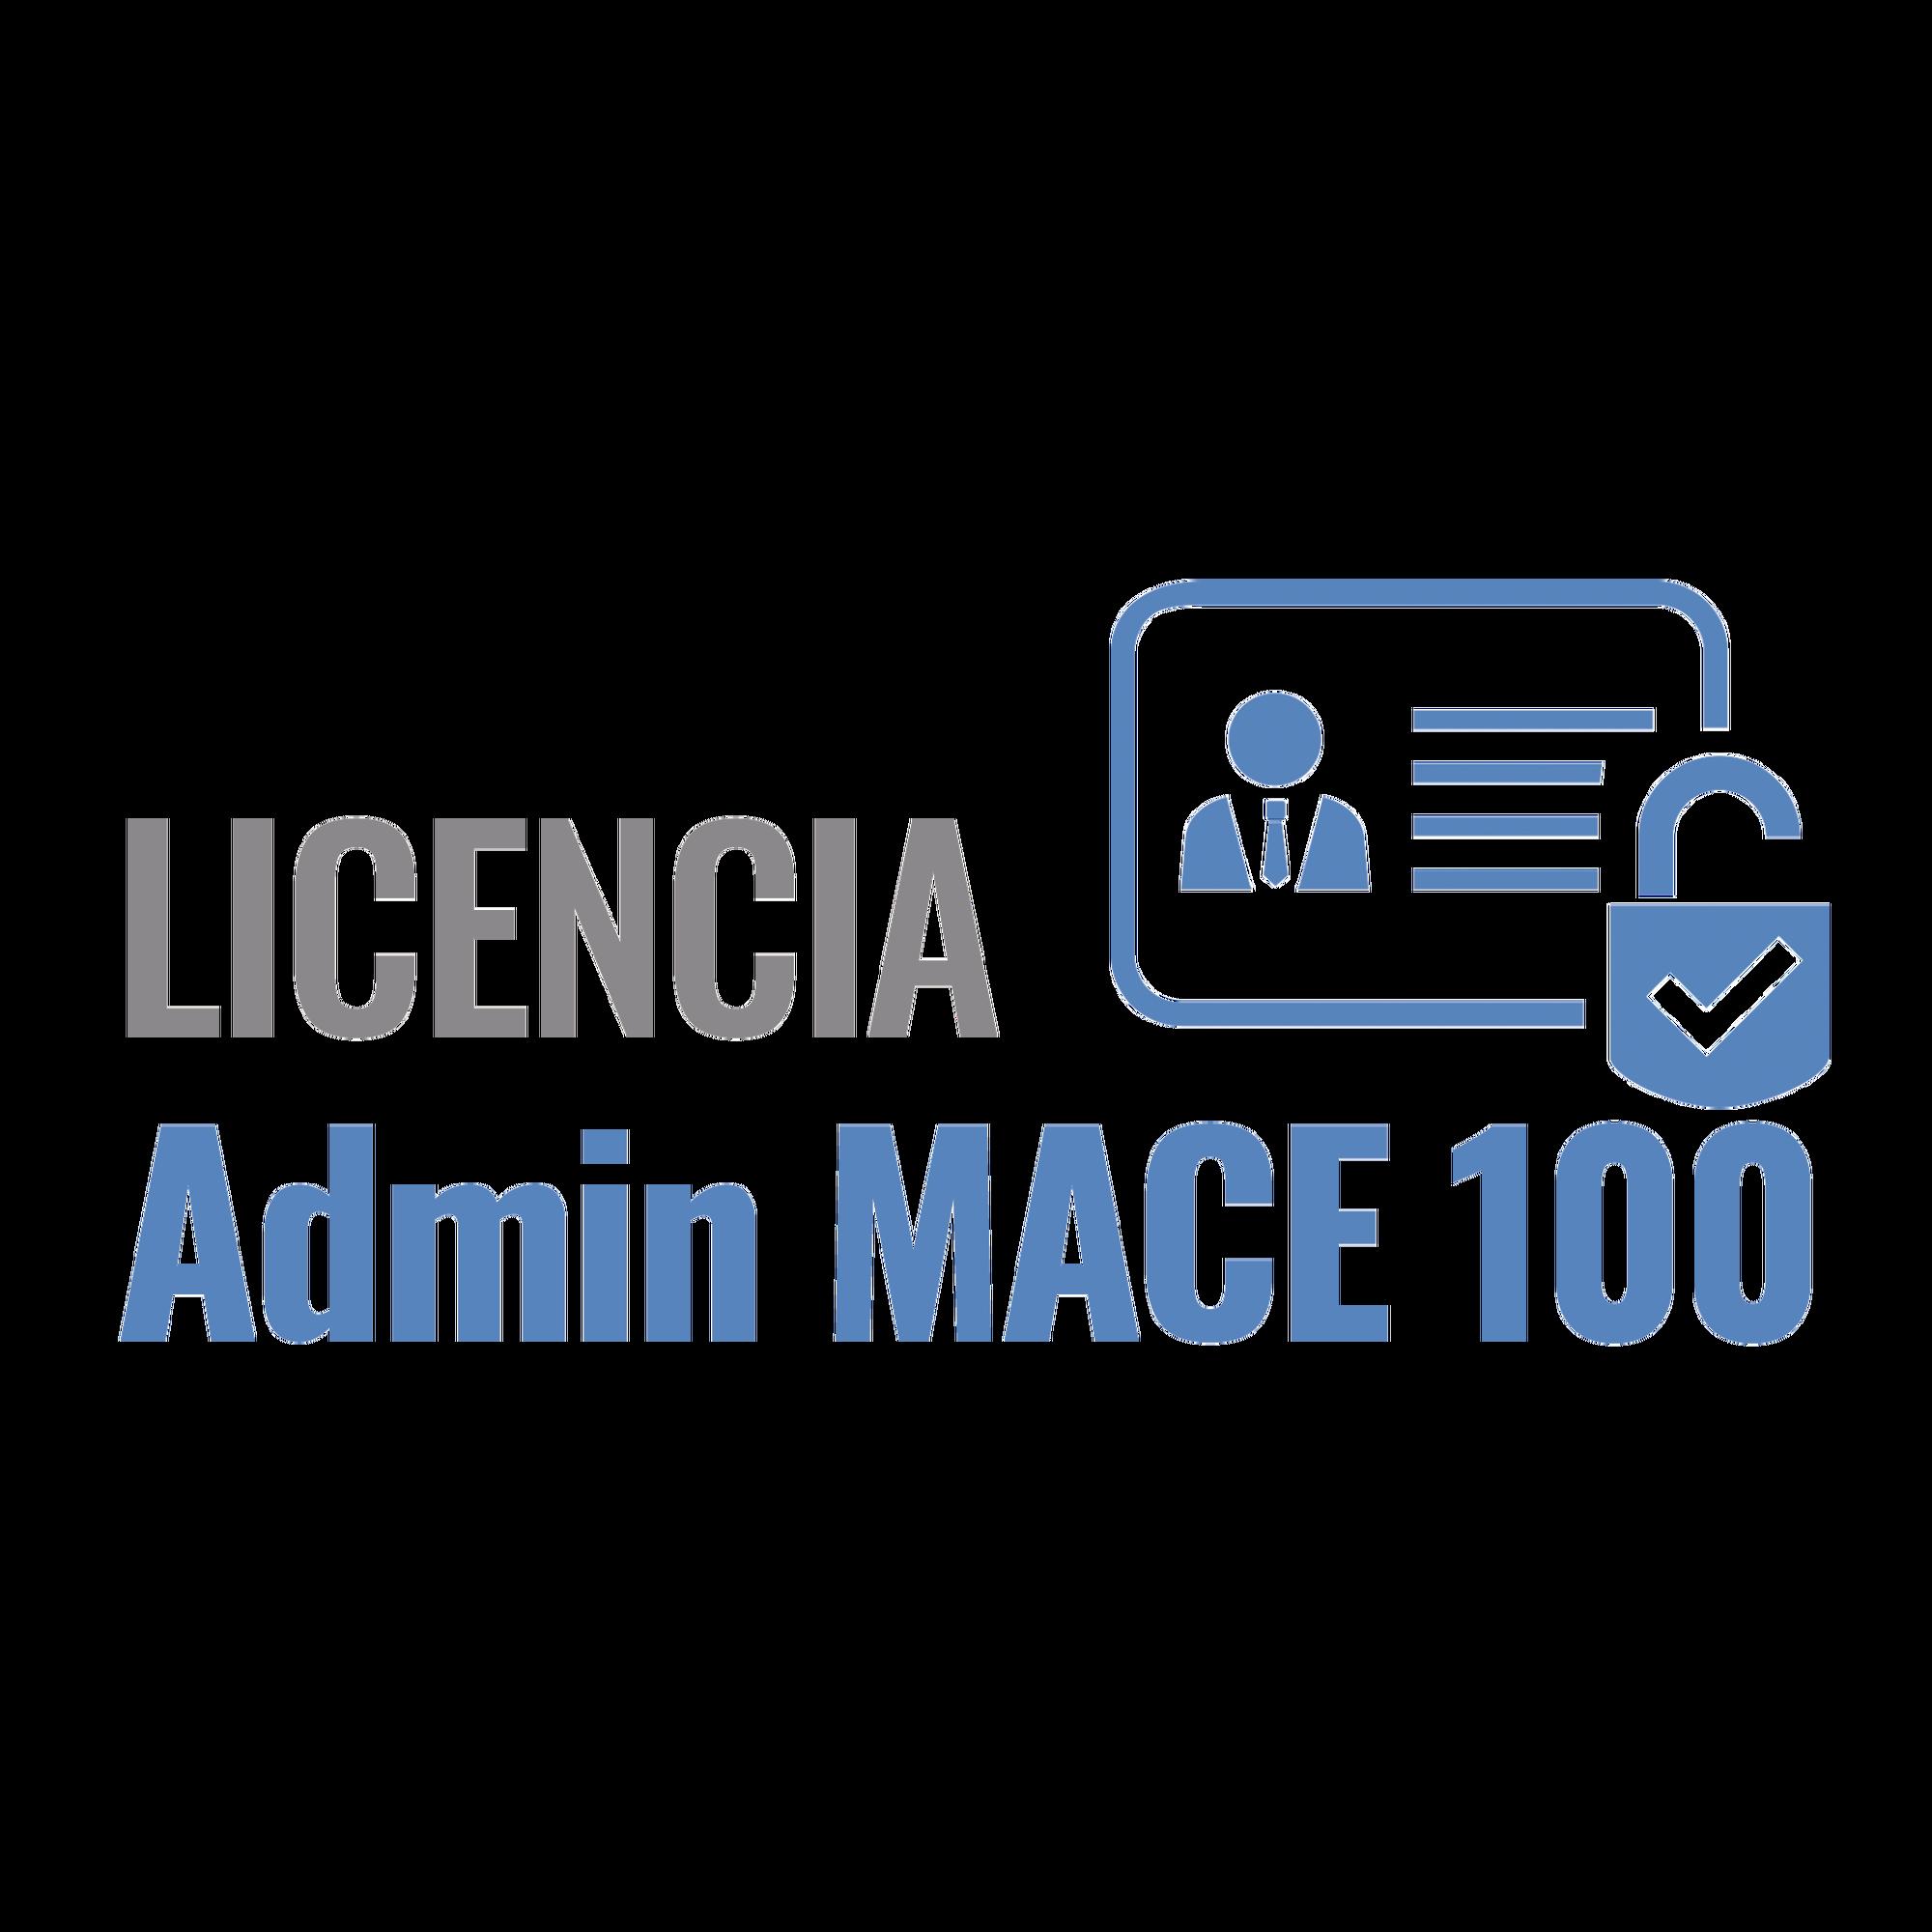 Paquete de 100 tarjetas virtuales y servicio de administracion (licencia de 1 año)